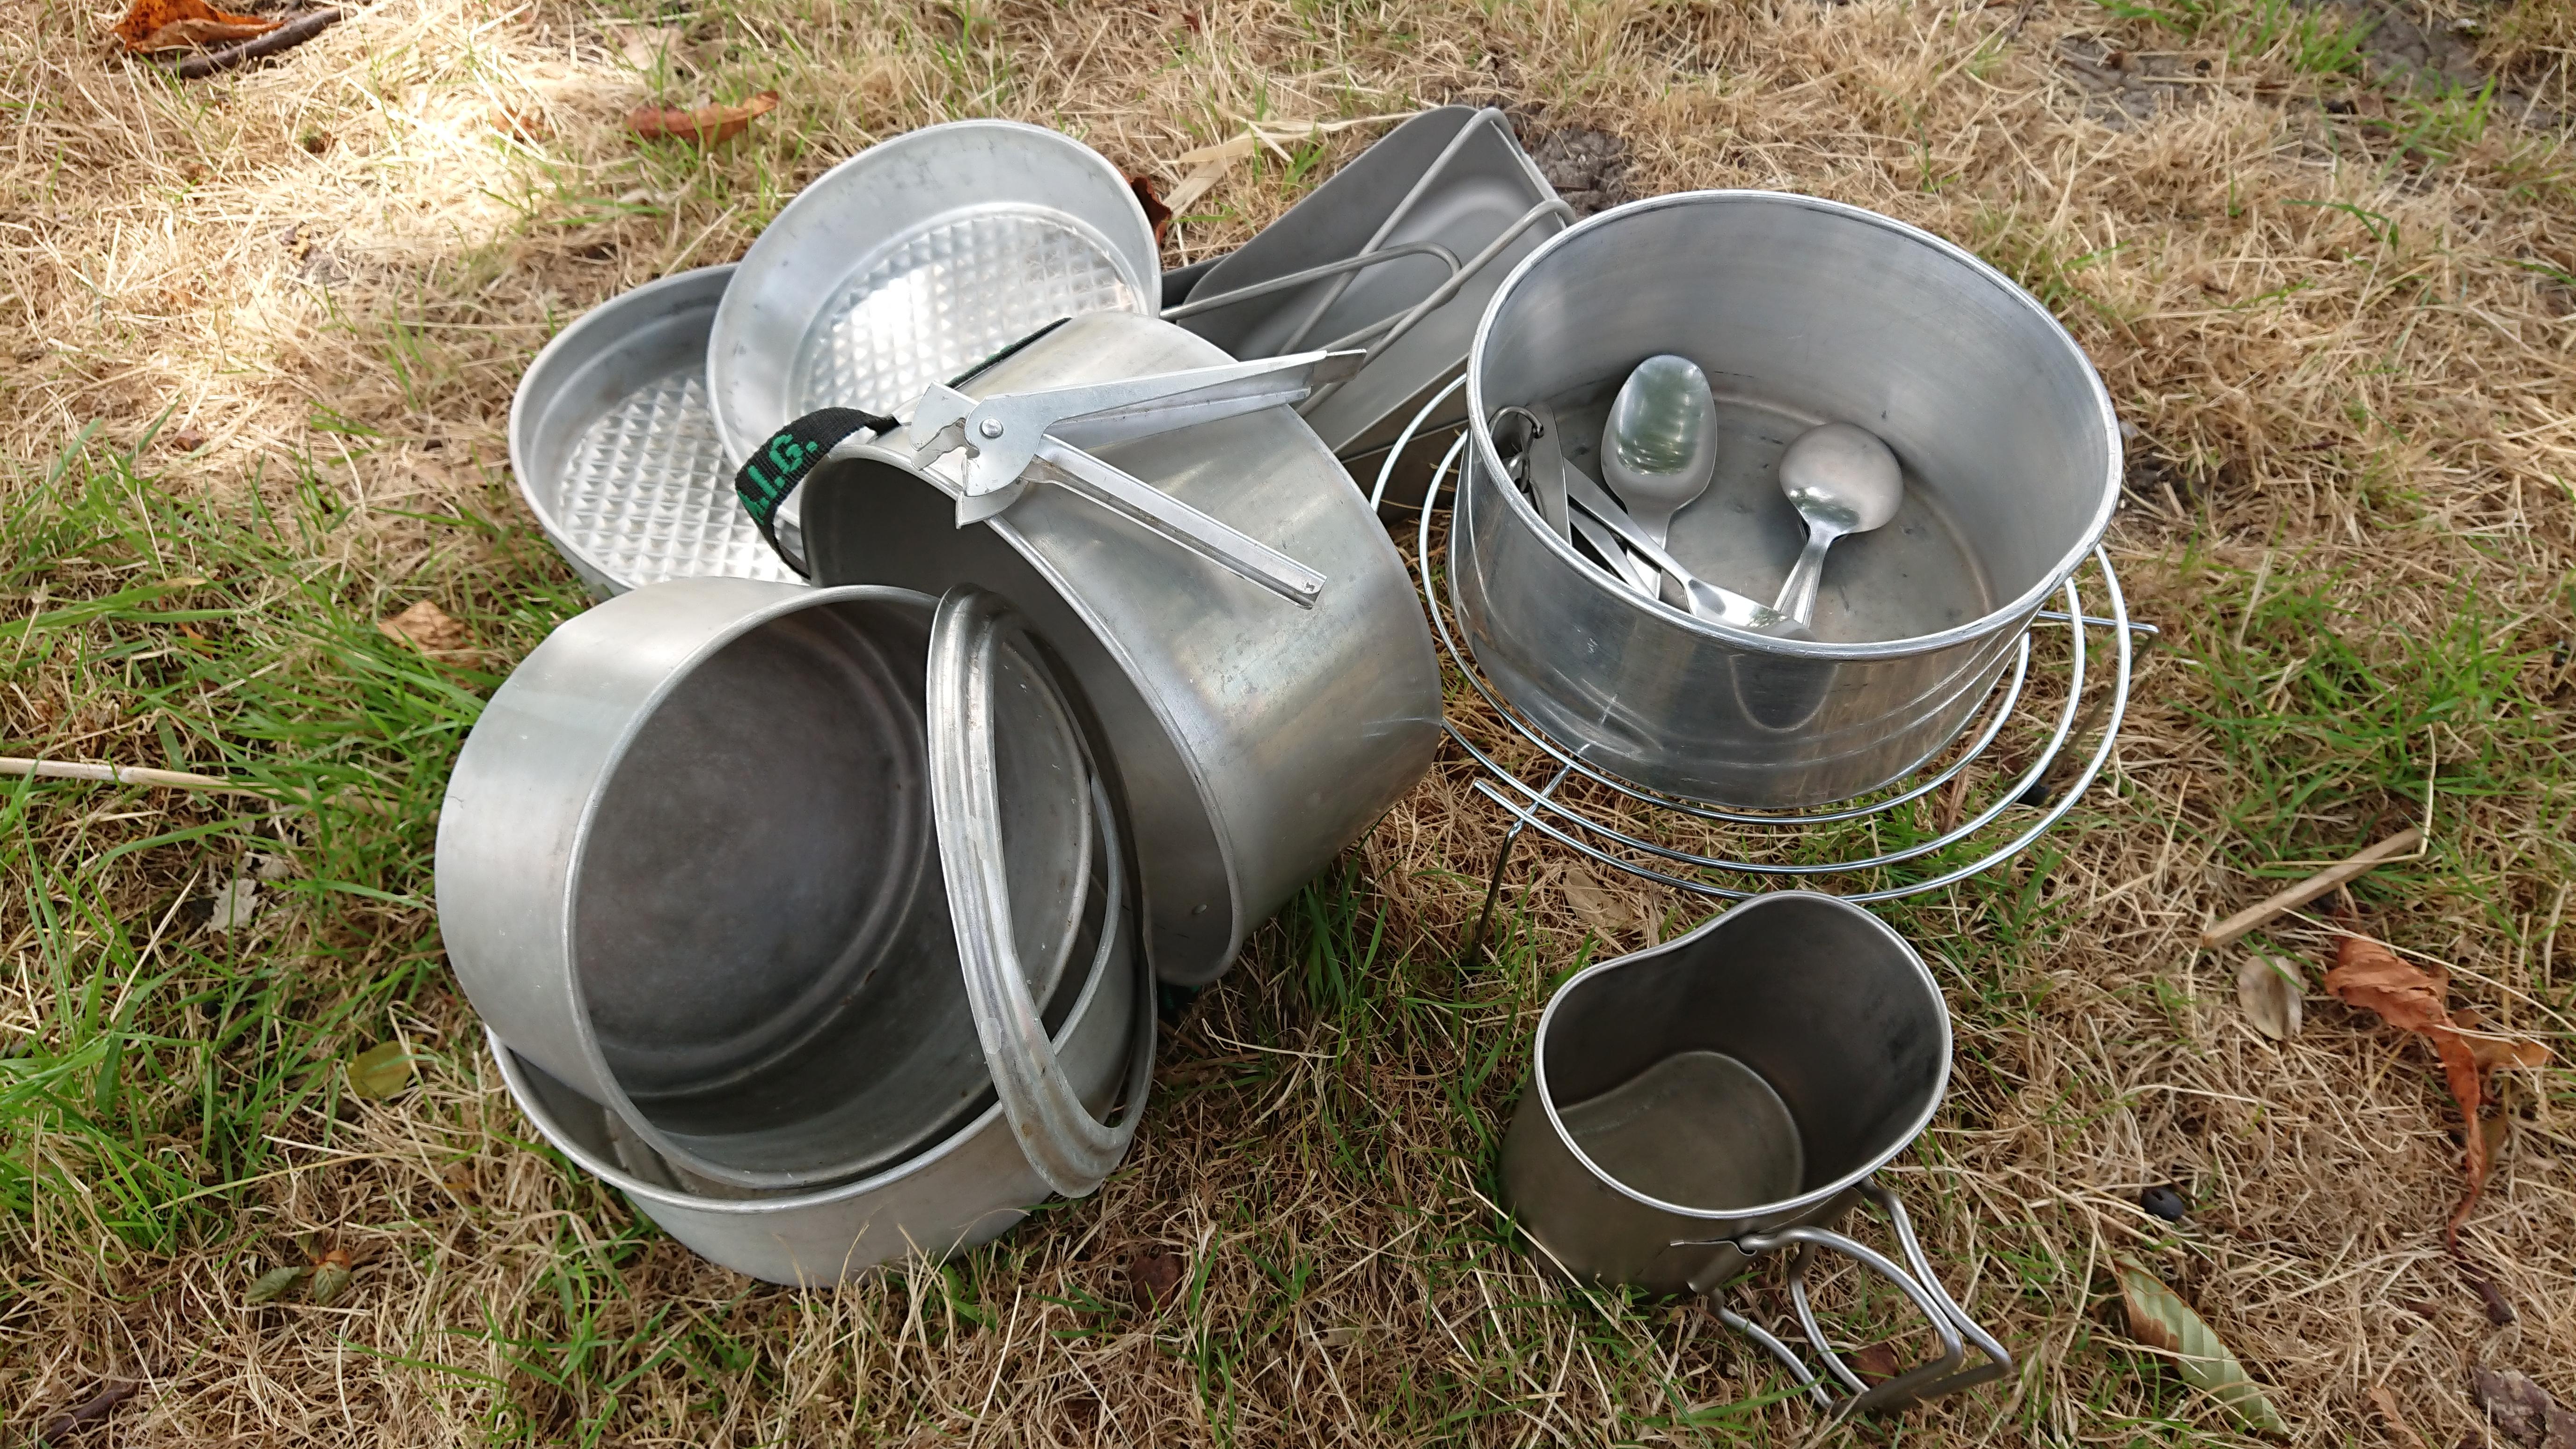 Aluminium kampeerspullen te vinden bij De Groote Weiver. (Foto: De Groote Weiver)